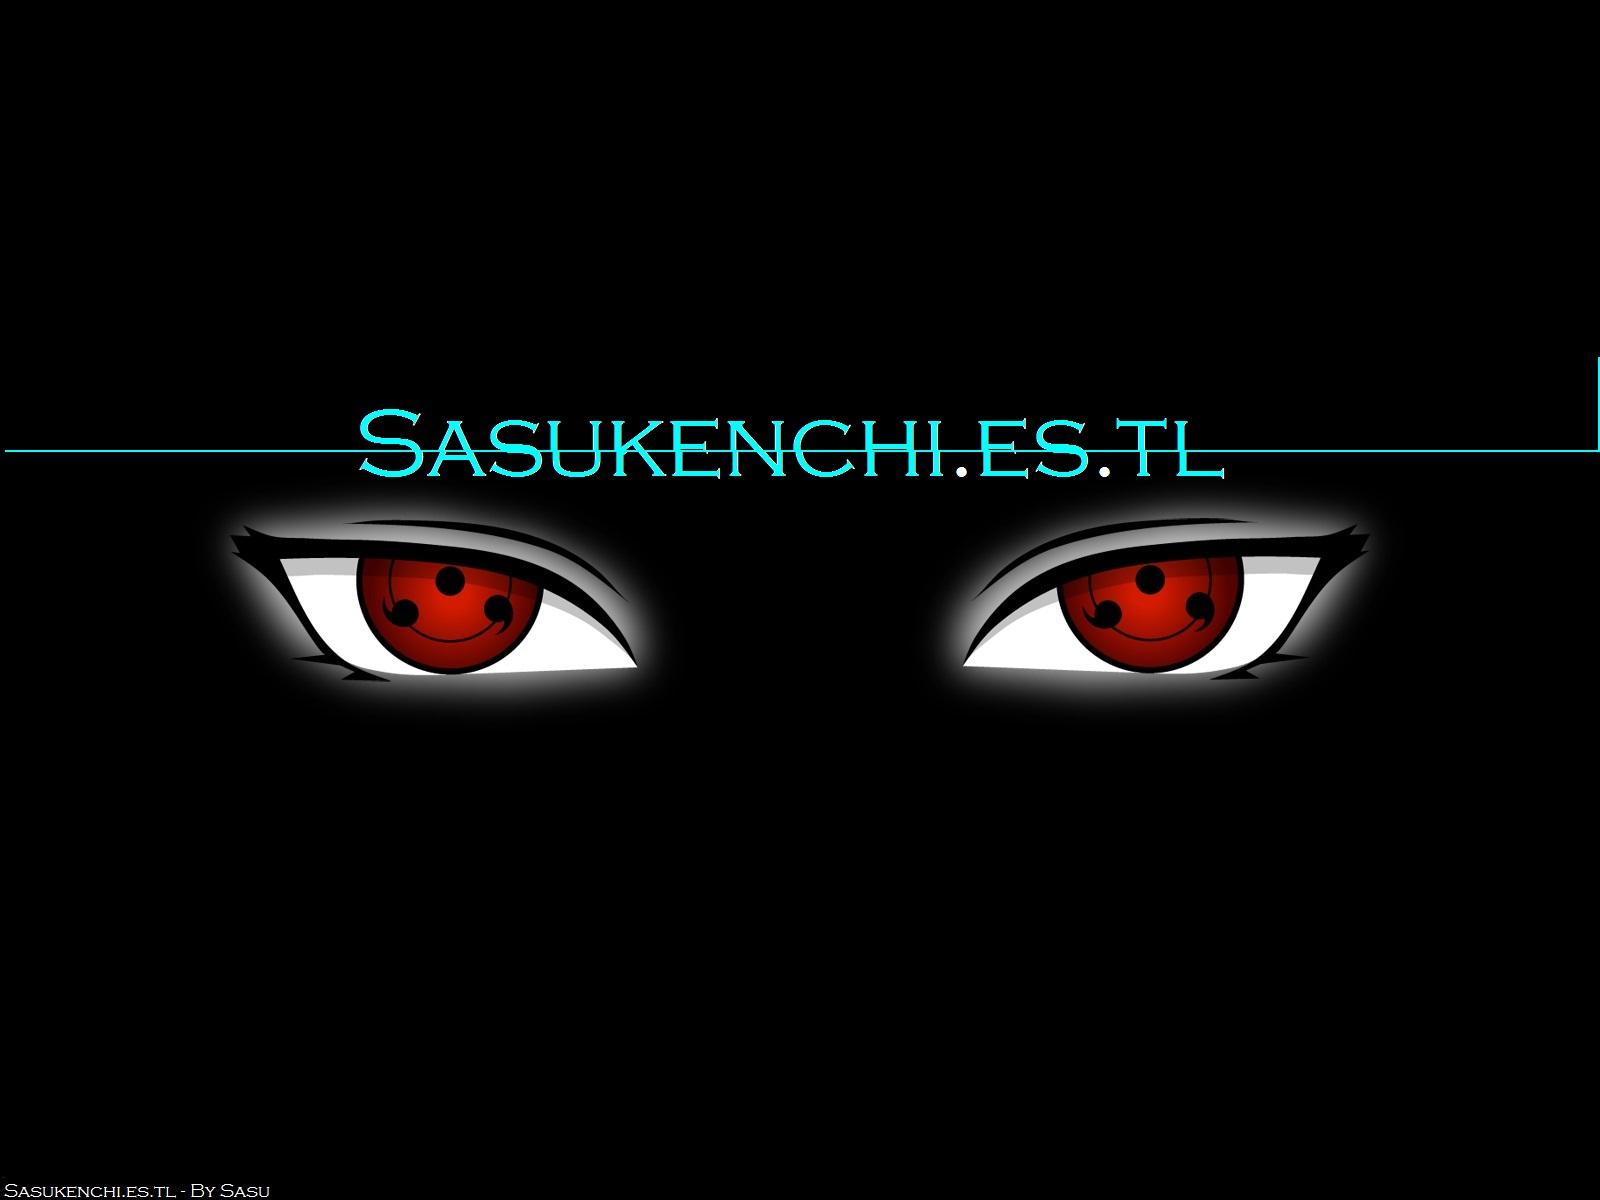 Sasukenchi.es.tl - Cargando...